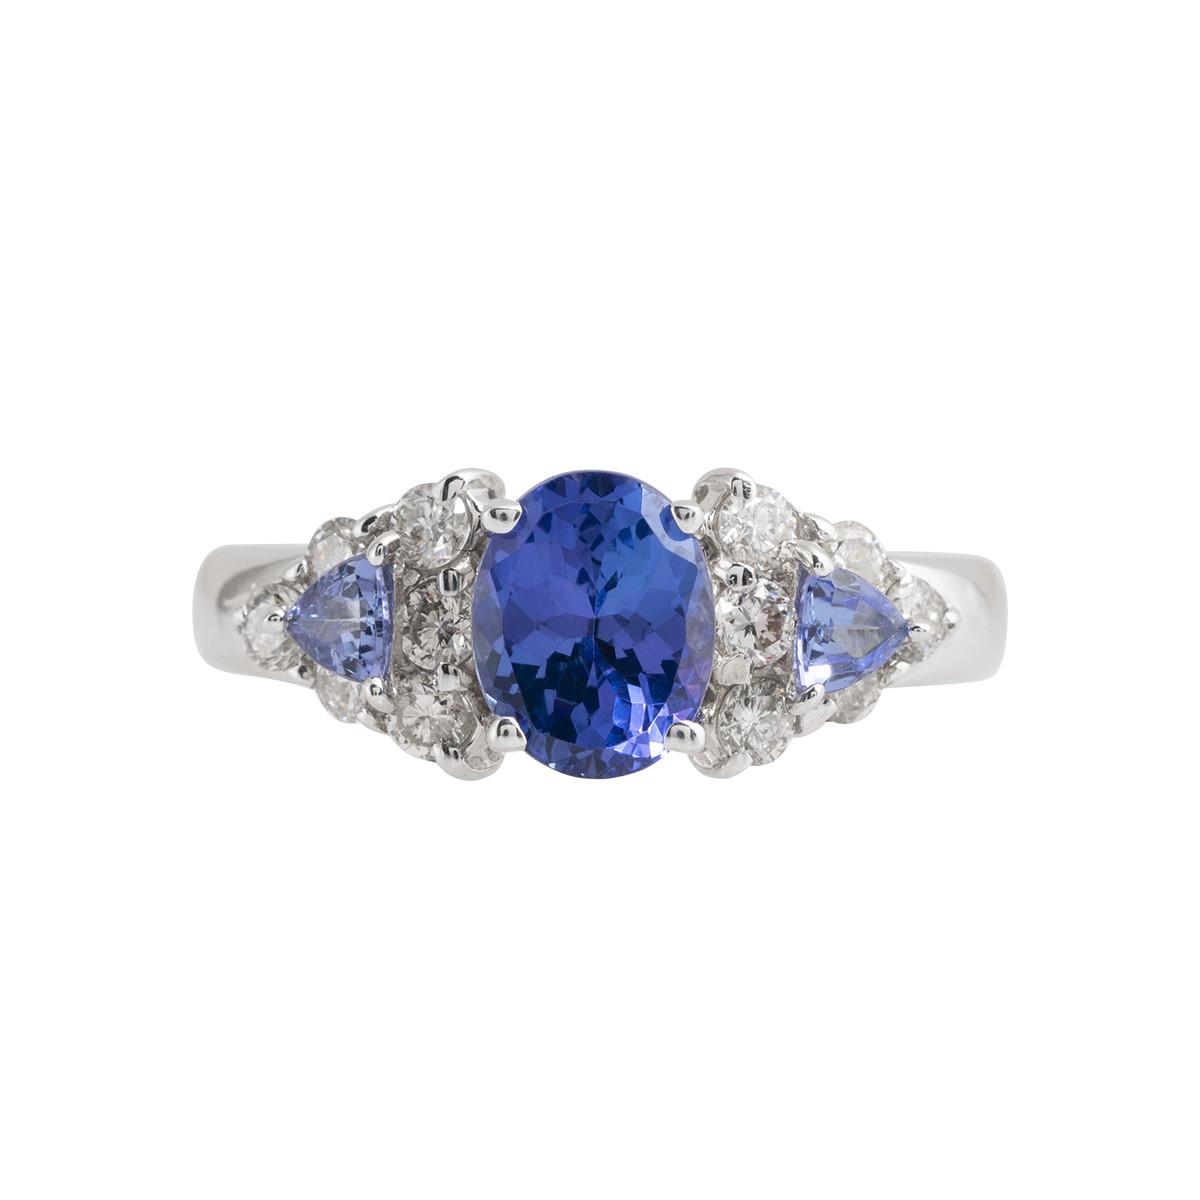 Vintage Le Vian 3.70 CTW Tanzanite & Diamond Ring